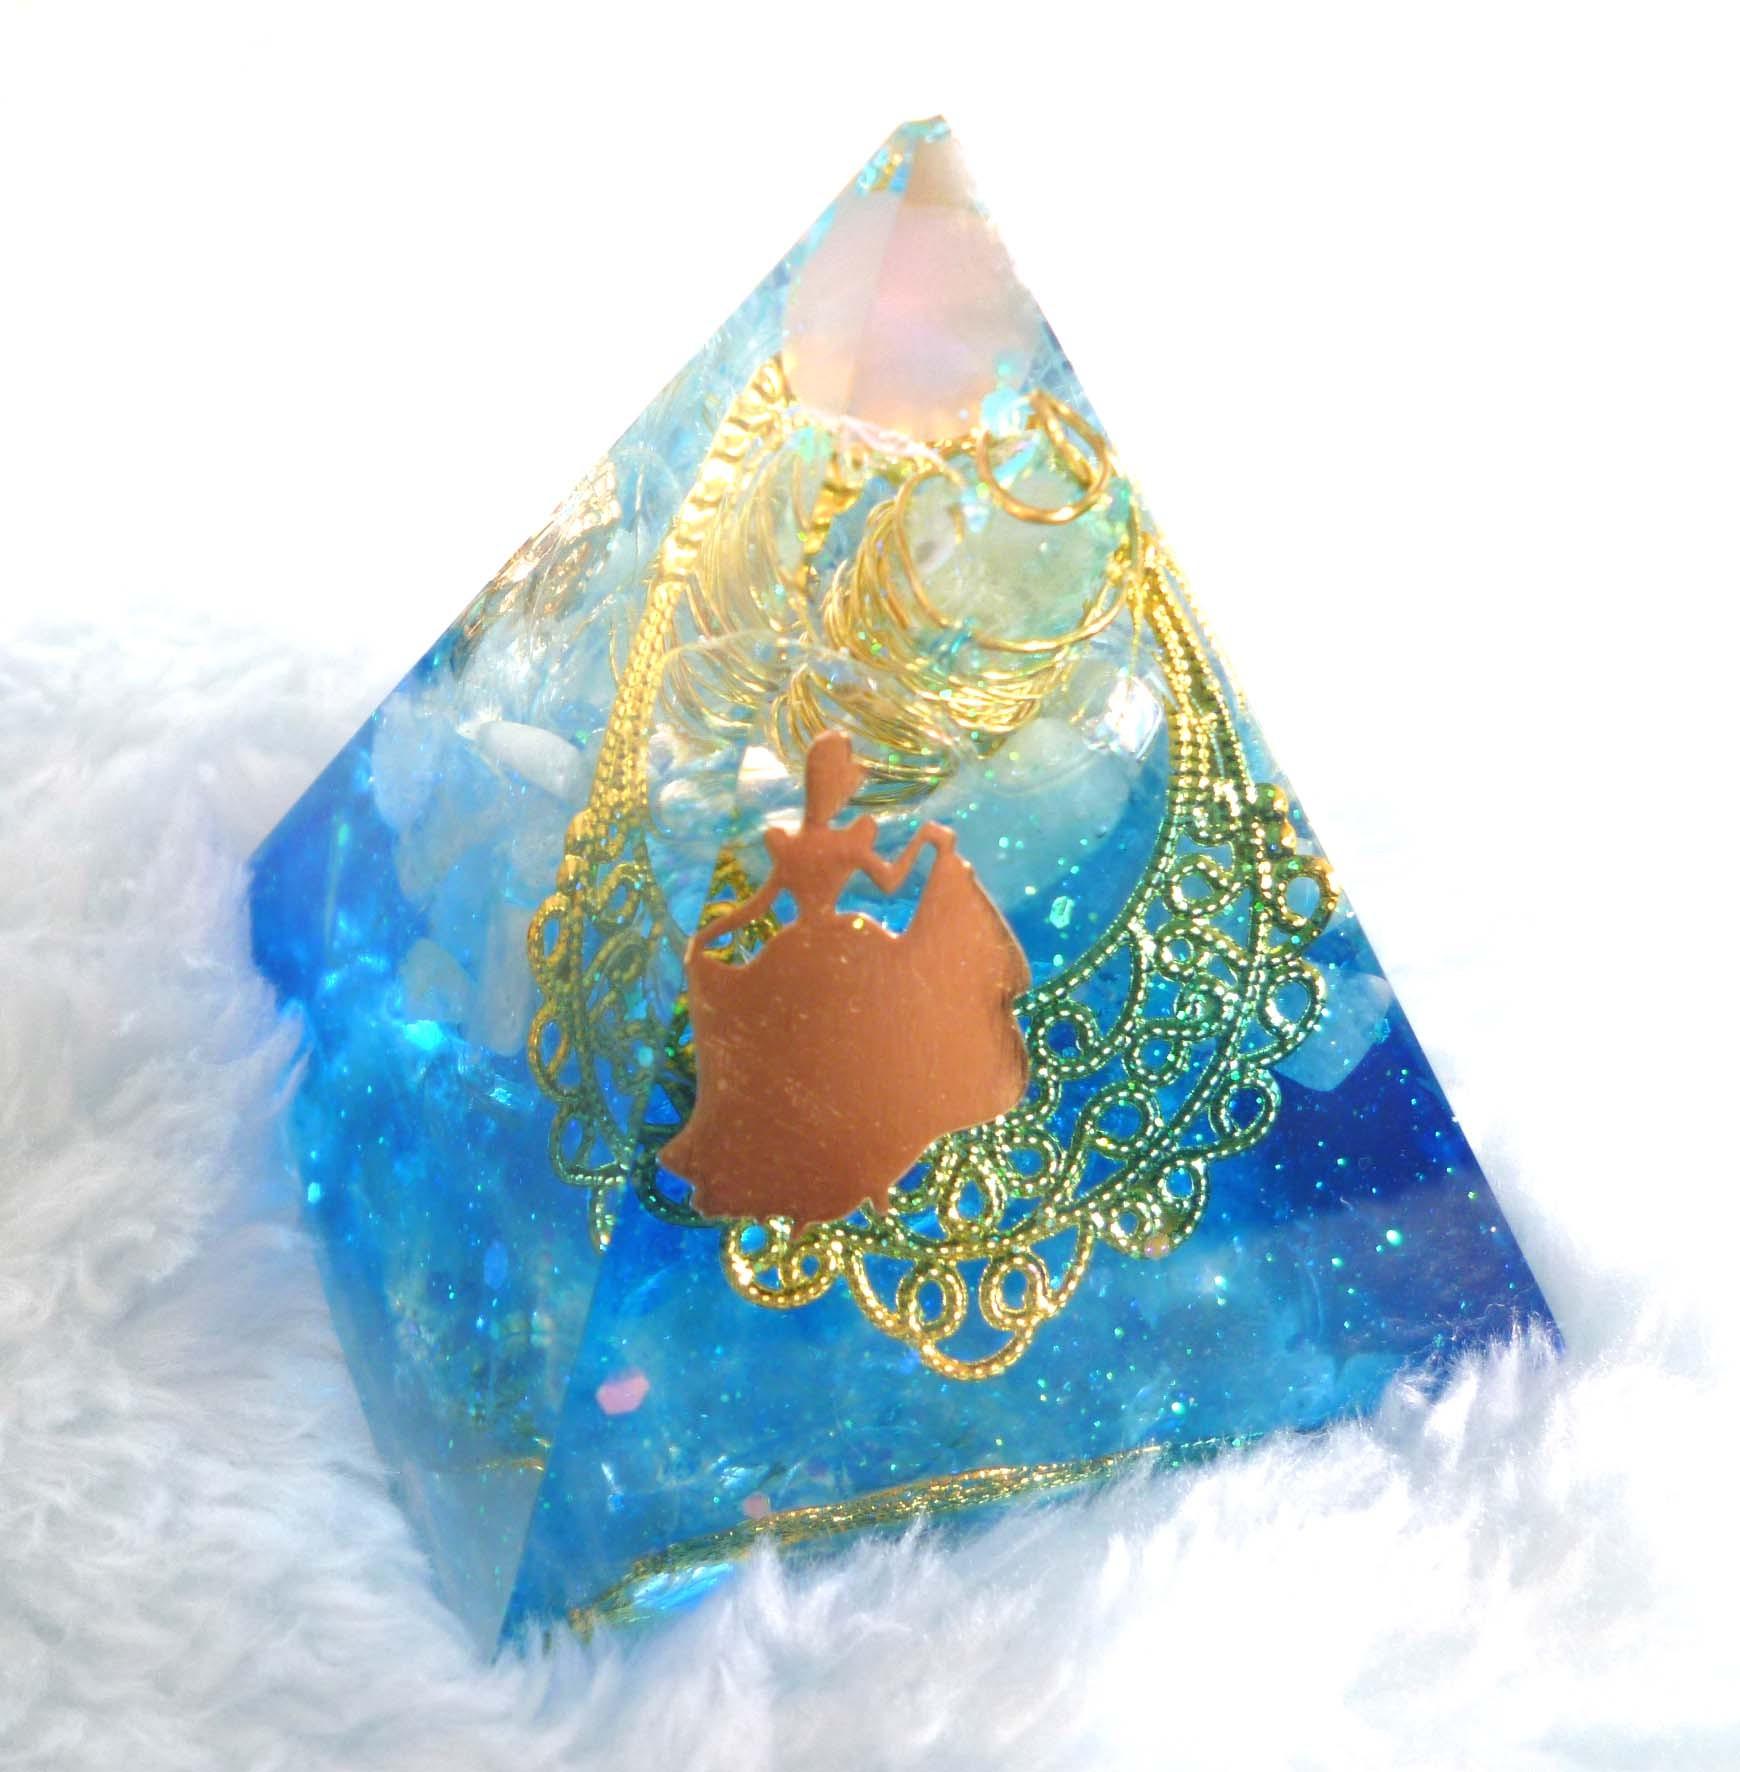 シンデレラ・ブルー ピラミッド型Sオルゴナイト